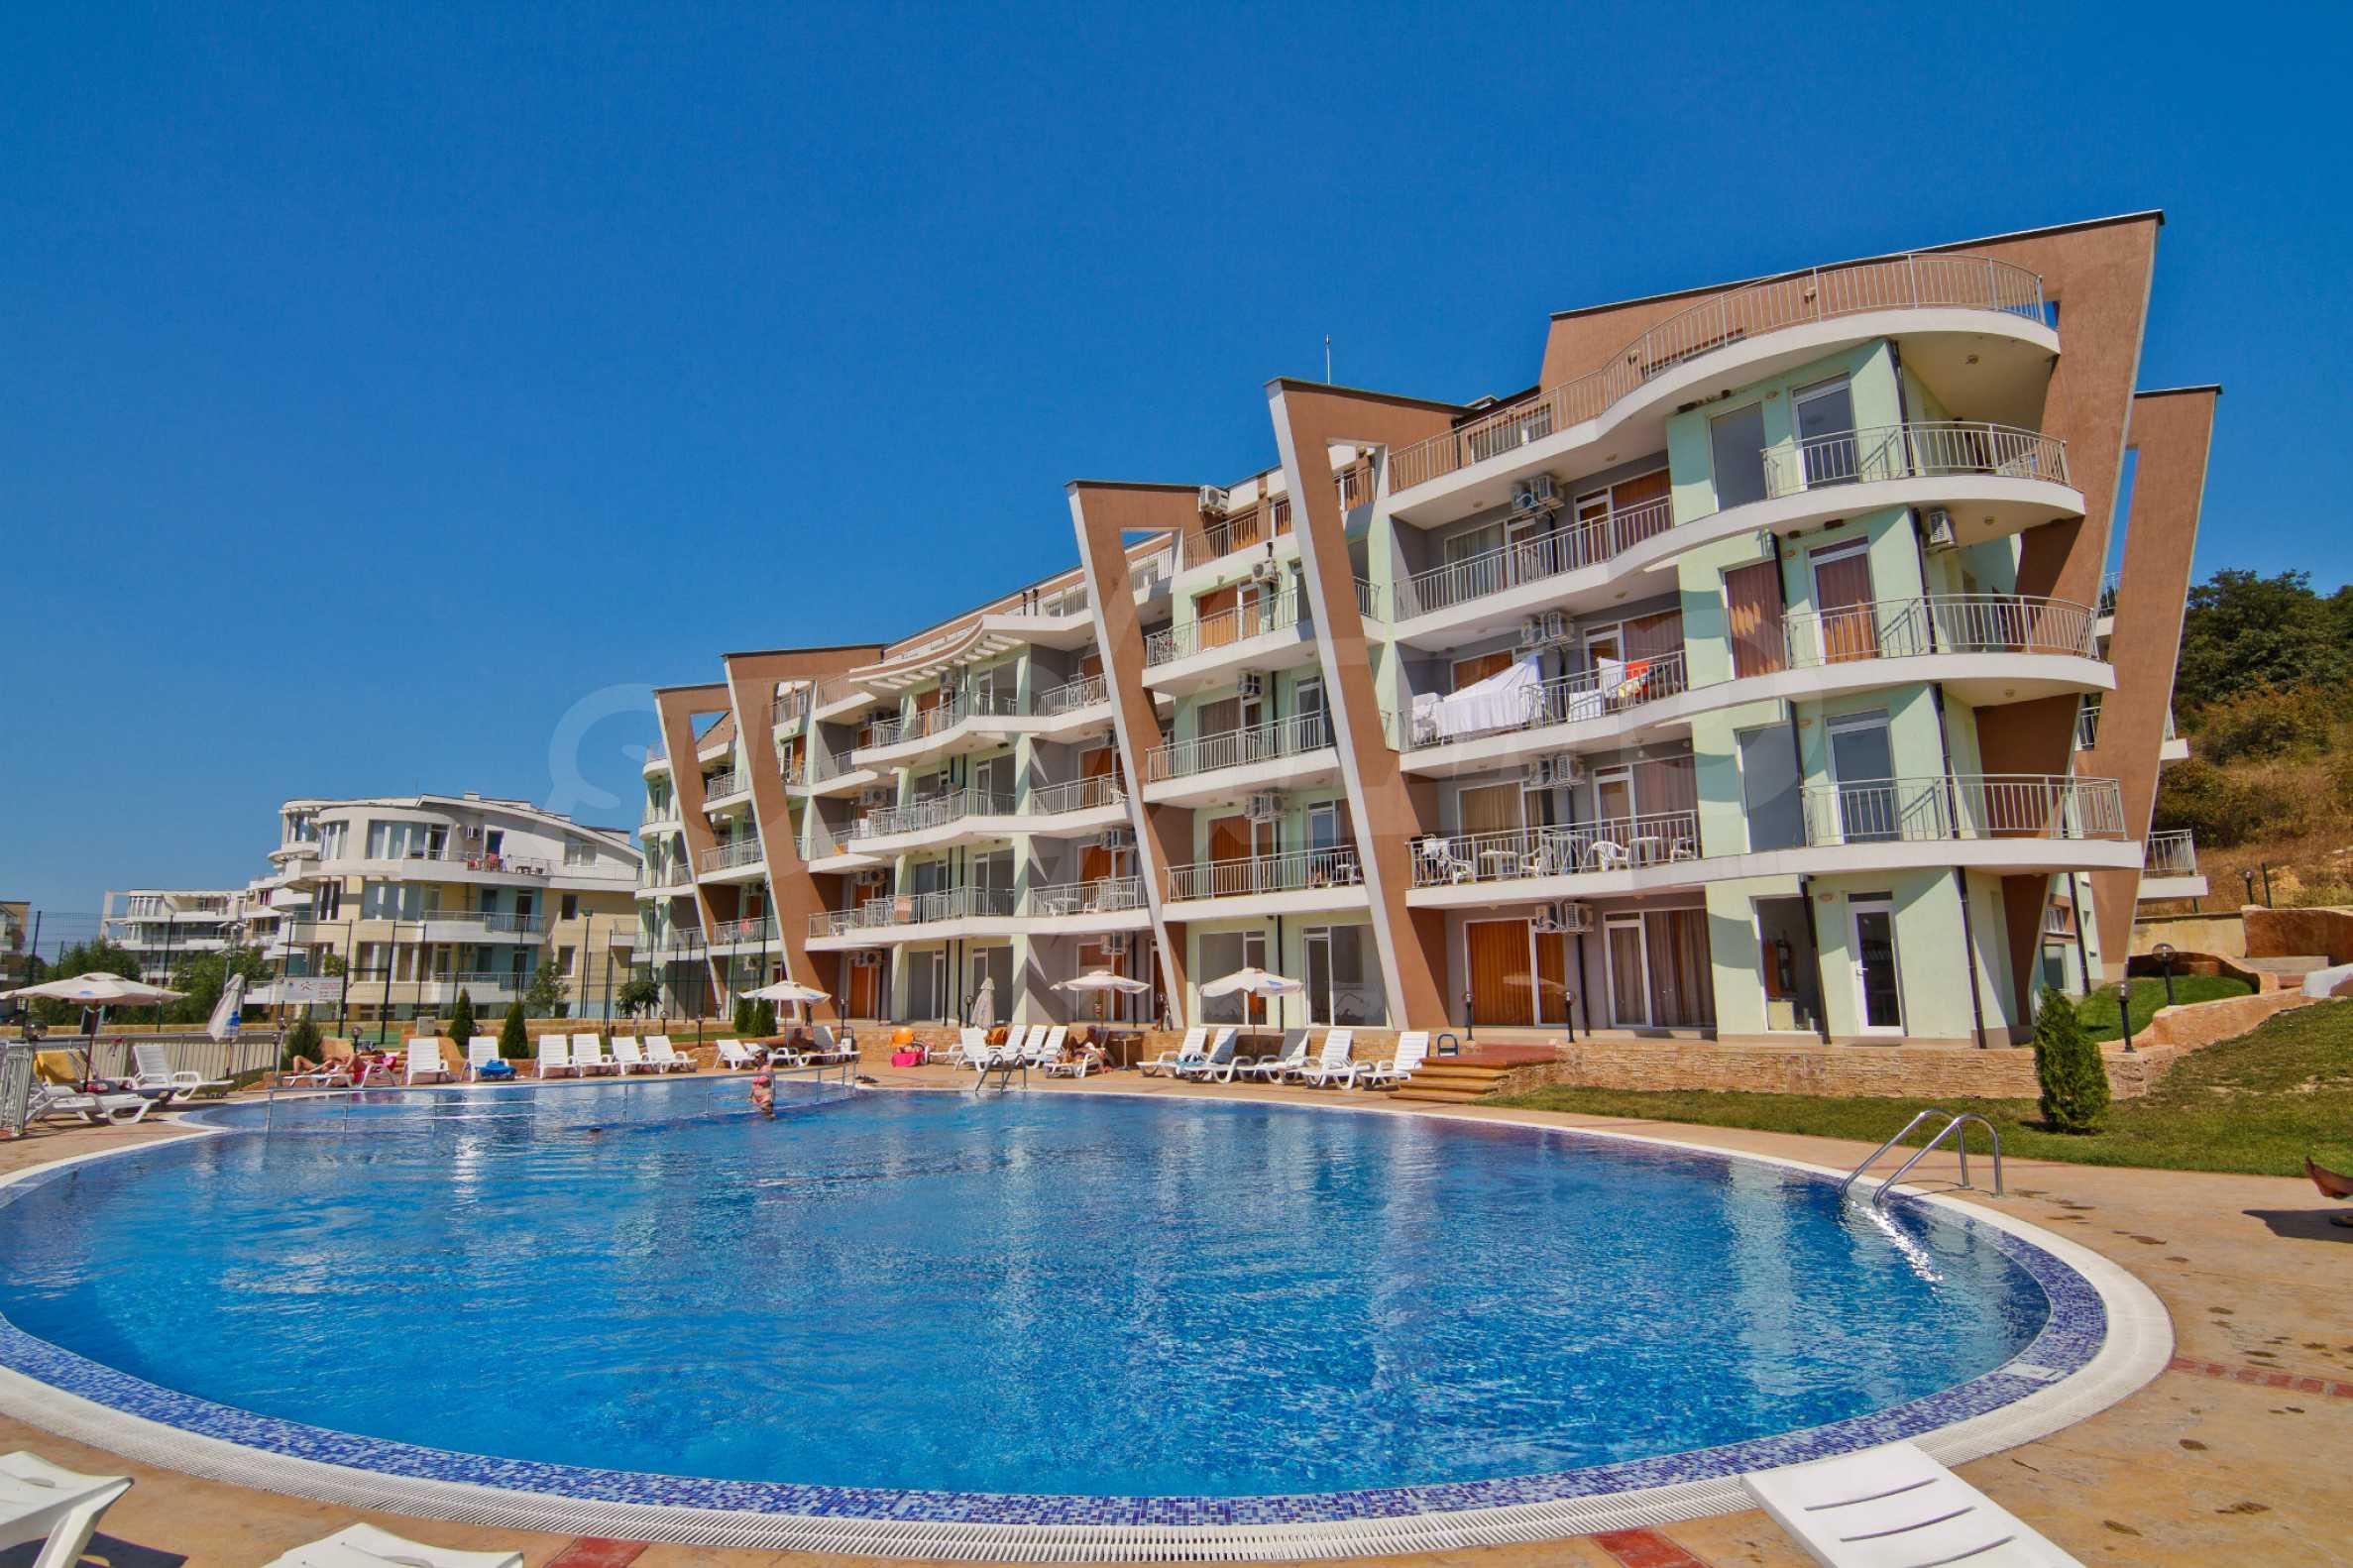 Sunset Kosharitsa - Apartments in einem attraktiven Berg- und Seekomplex, 5 Autominuten vom Sonnenstrand entfernt 2